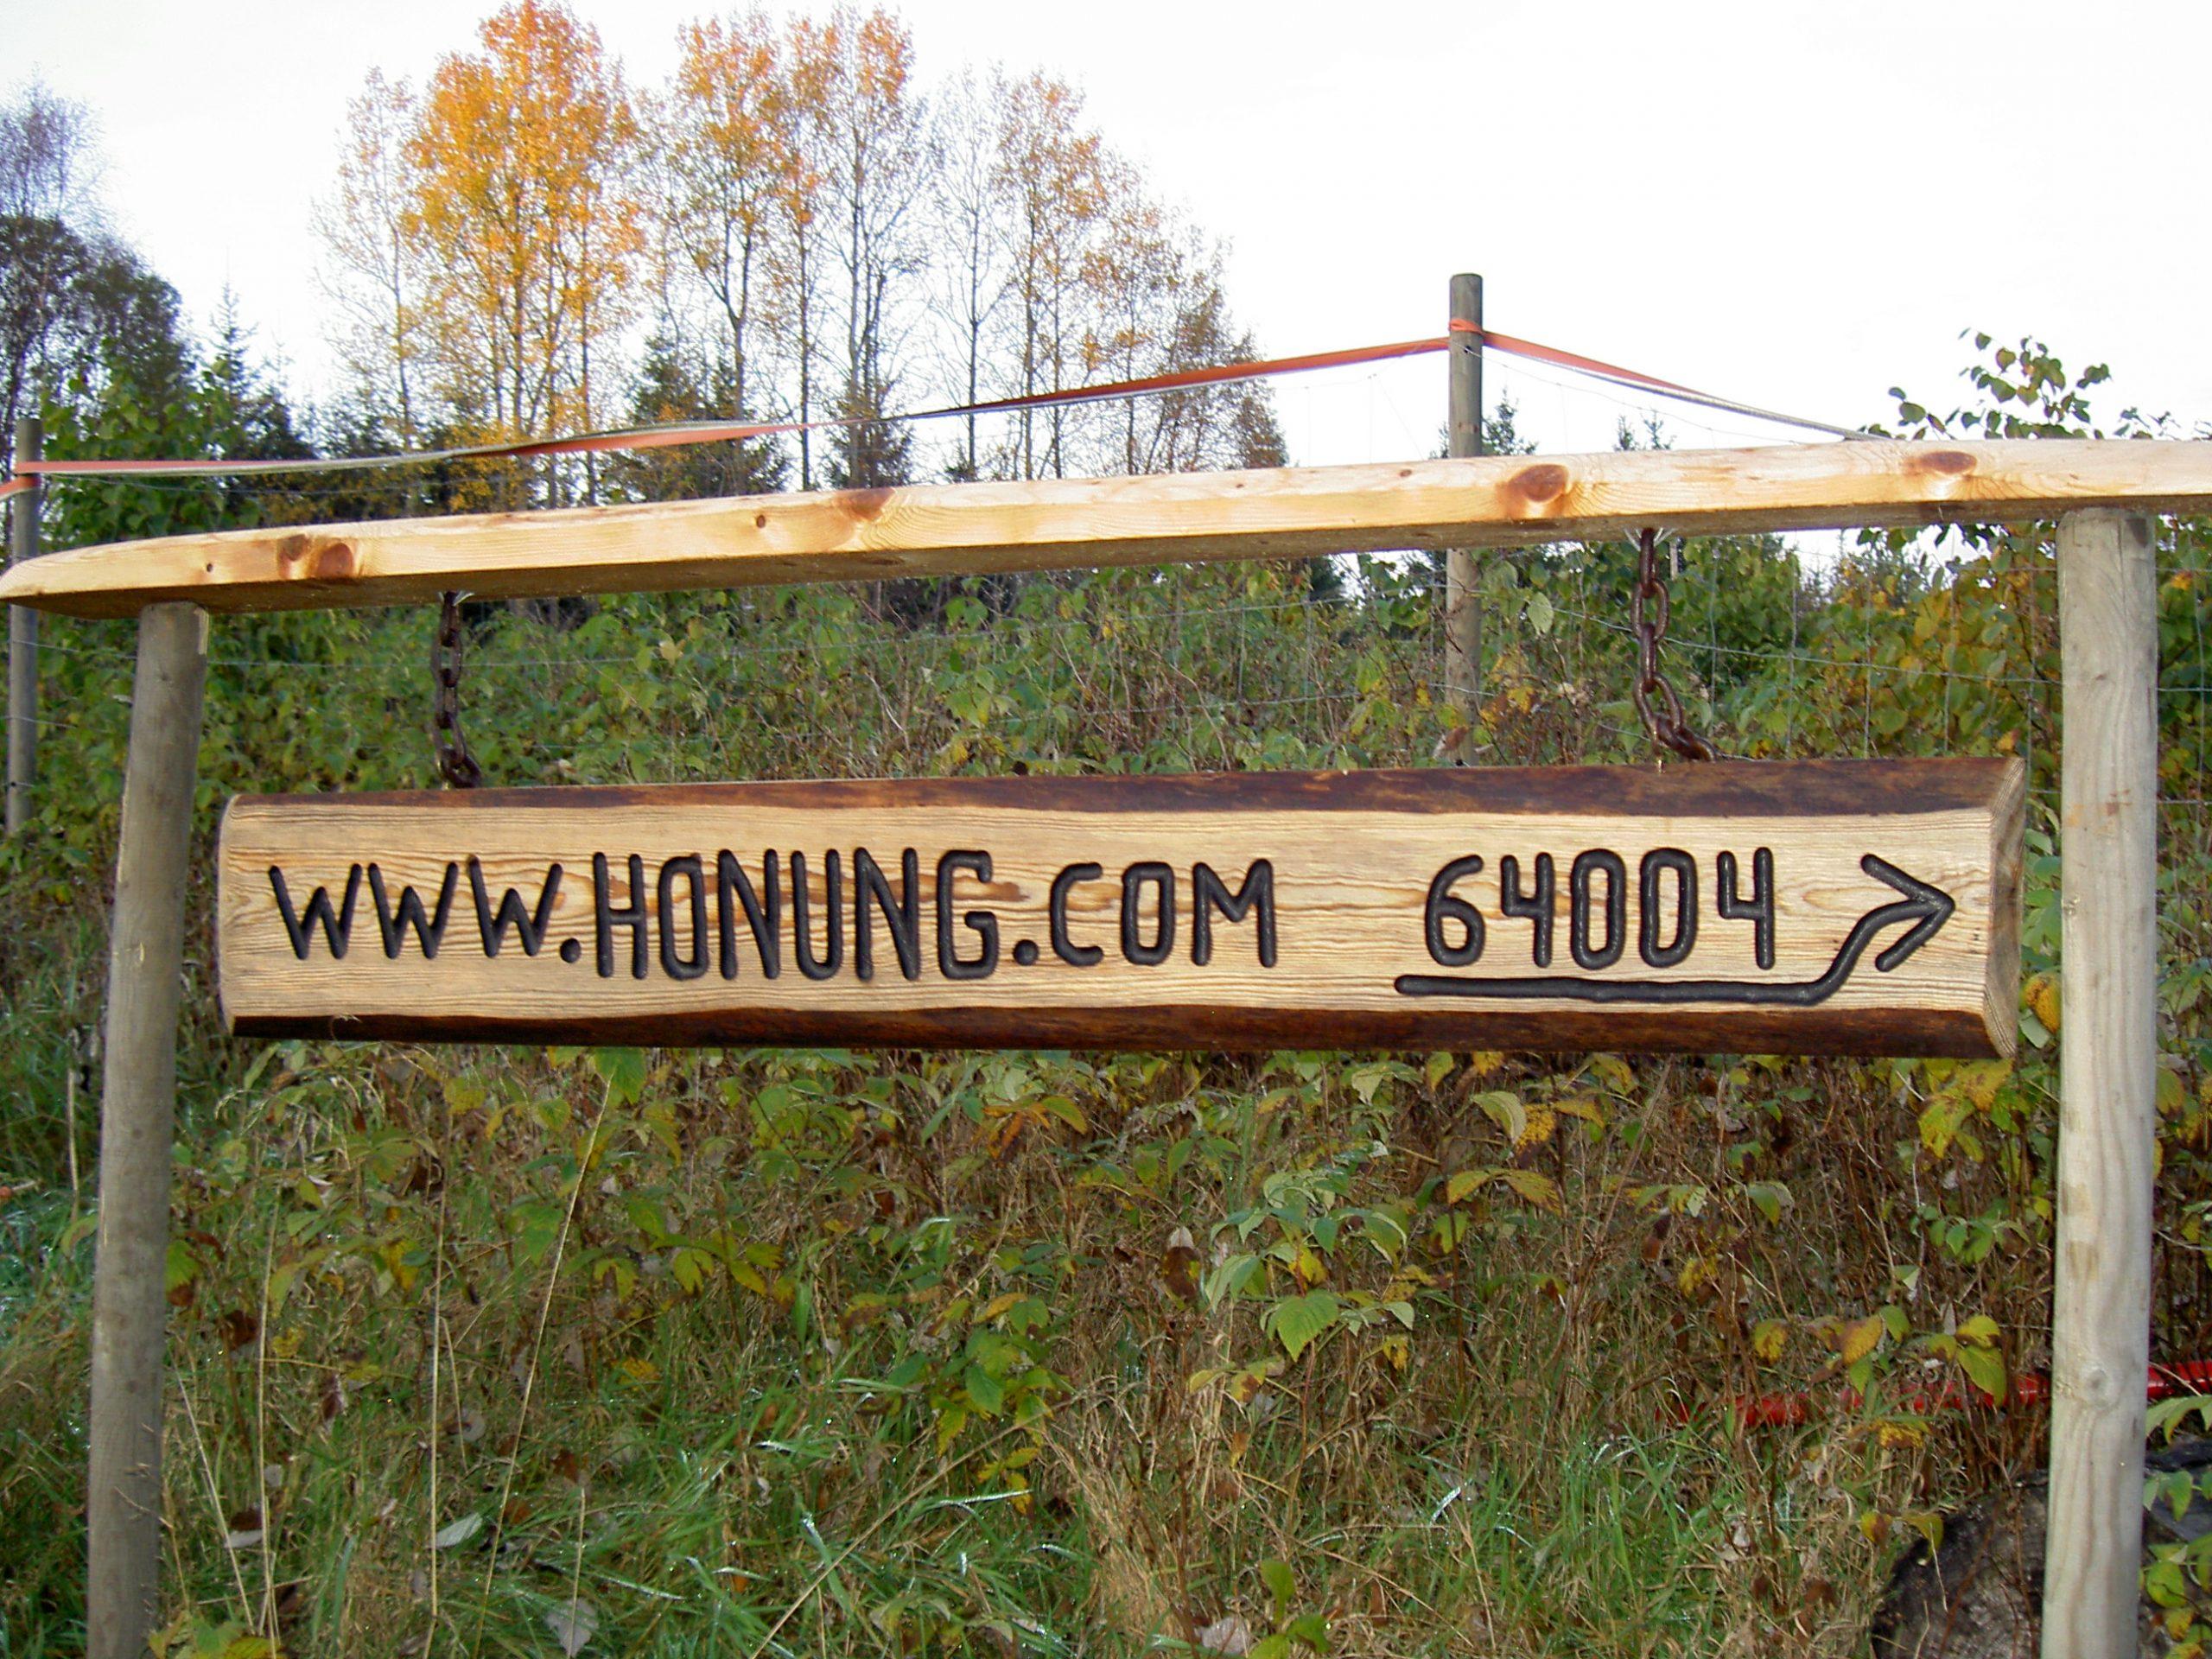 Välkommen till honung.com!